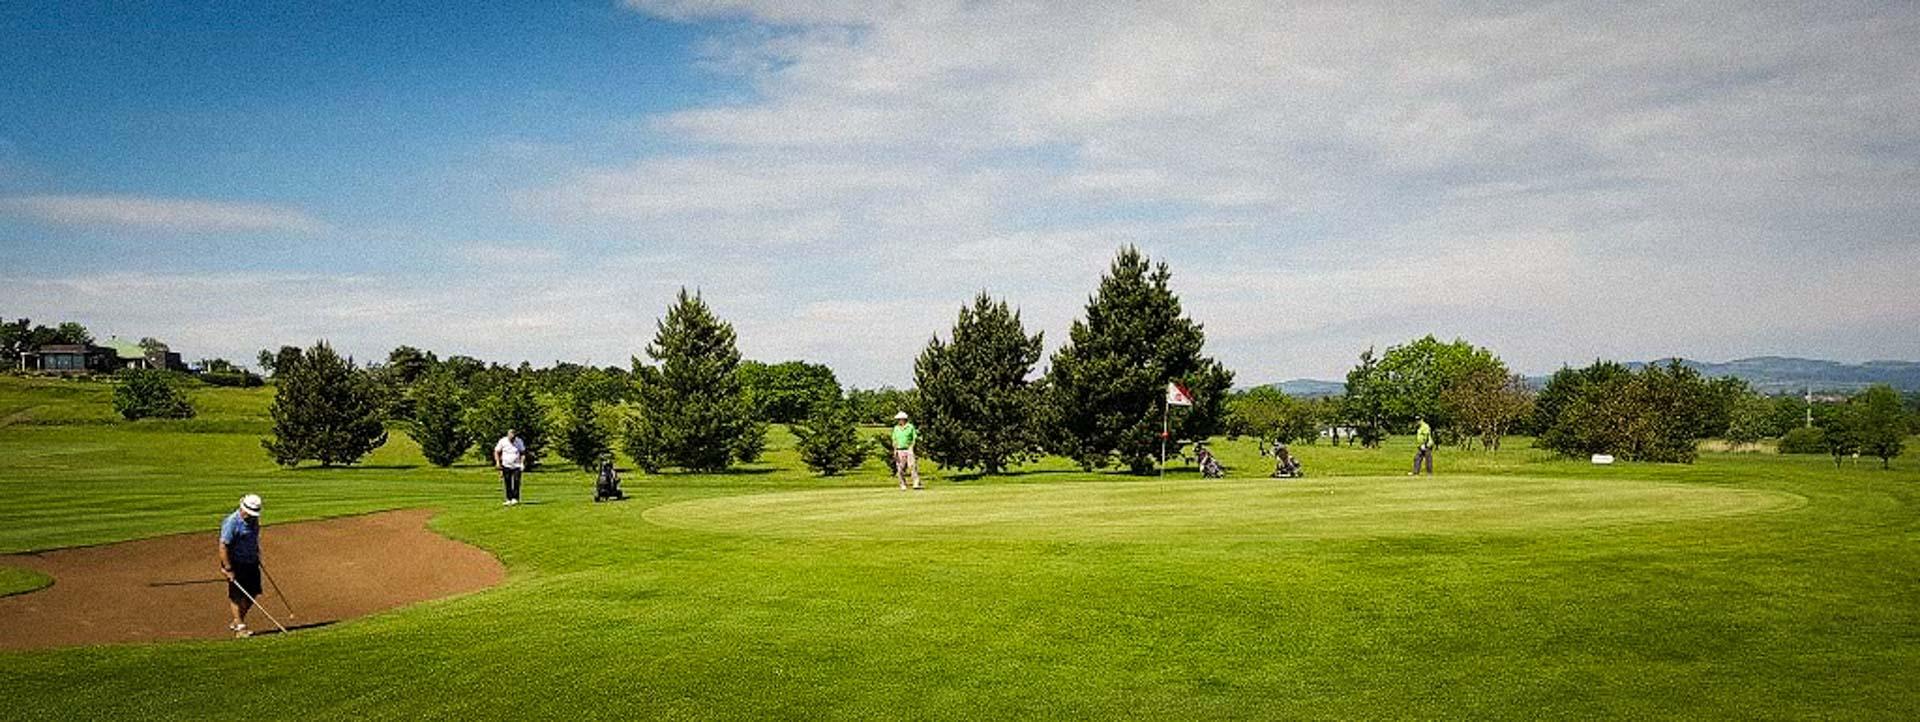 Condamin 2017 T6 Le Puy en Velay 05